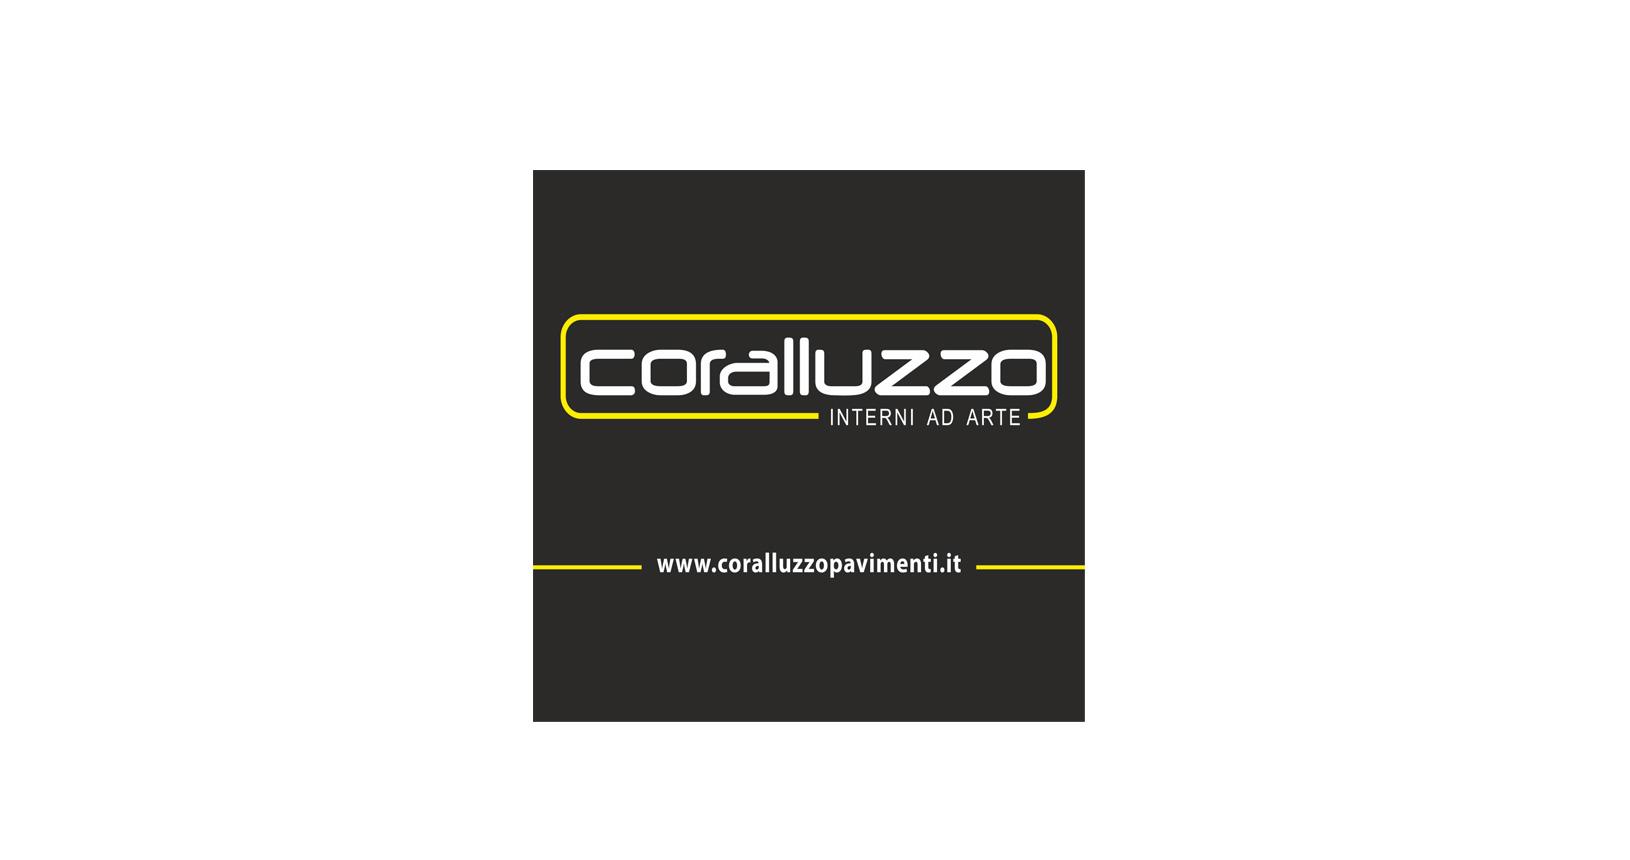 Coralluzzo Interni ad Arte